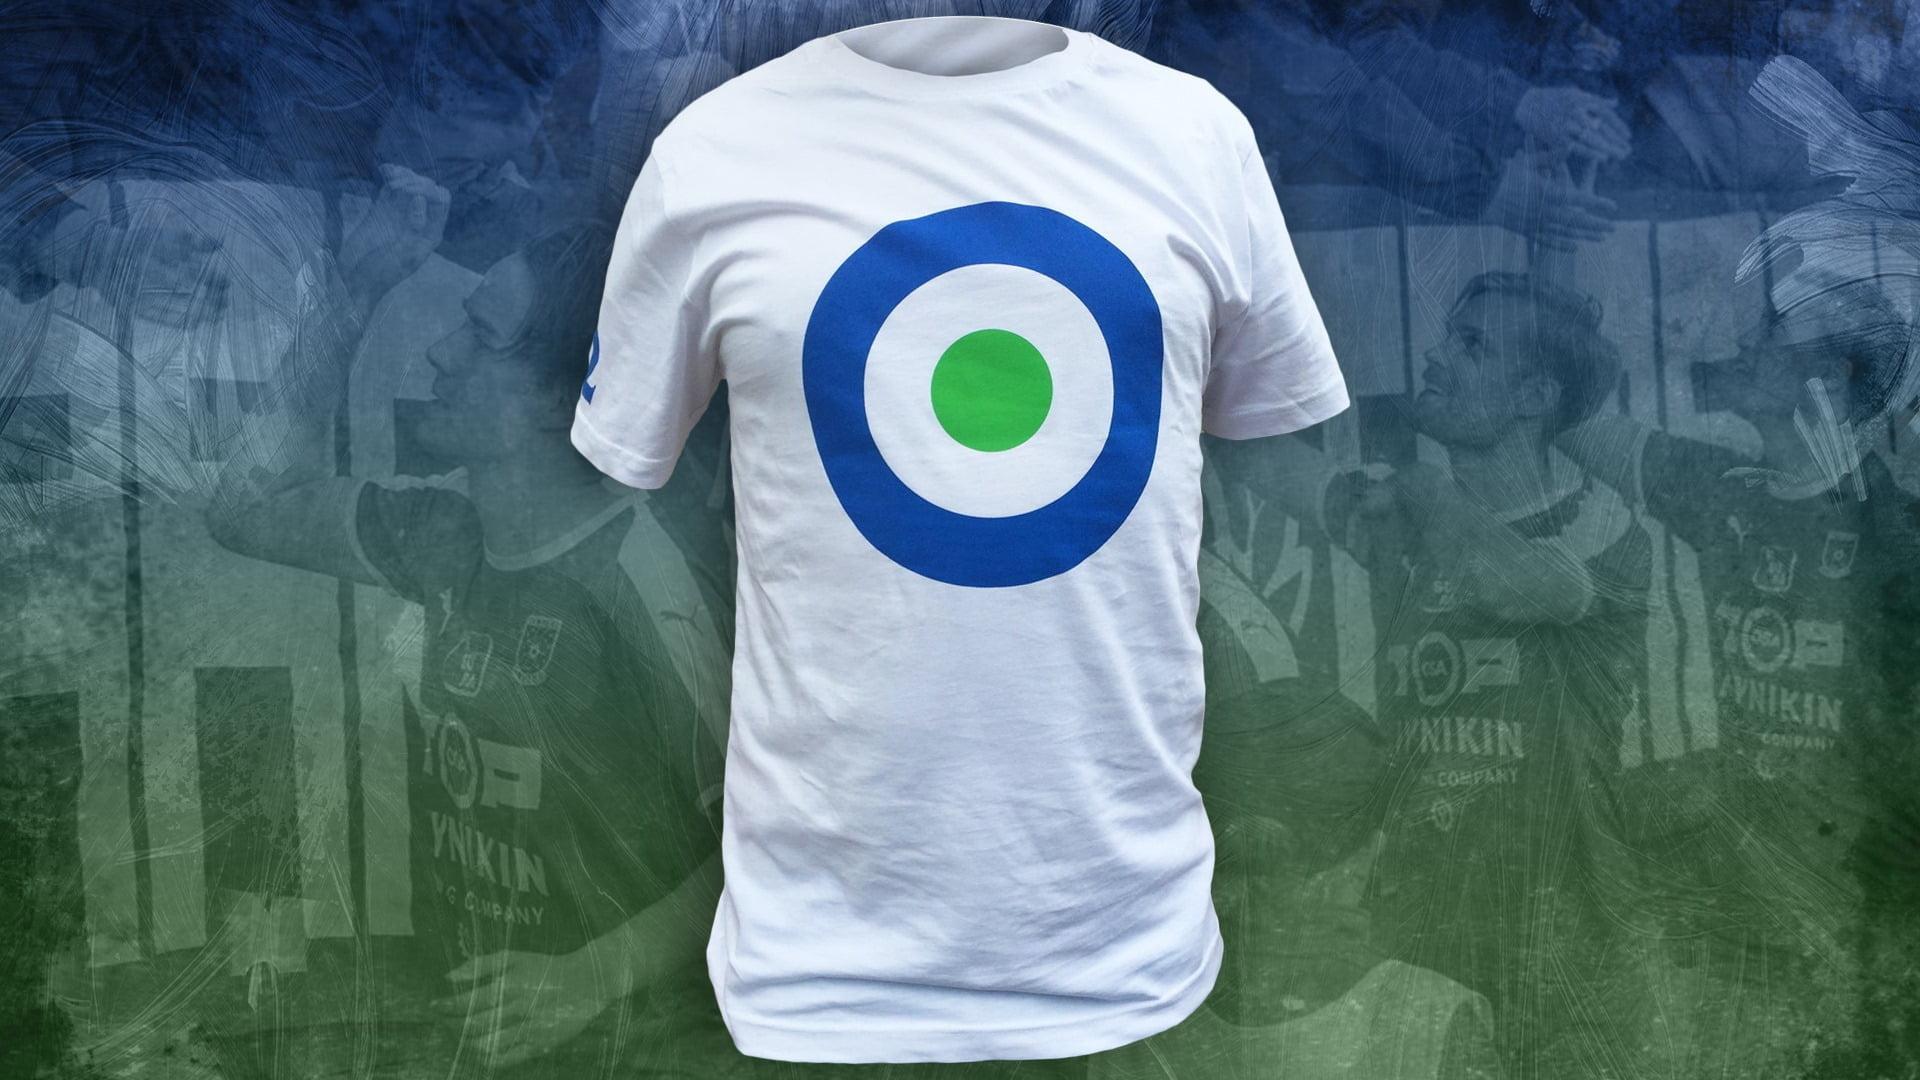 Uudet t-paidat ovat saatavilla TamU-kaupassa ja otteluissa -uutiskuva